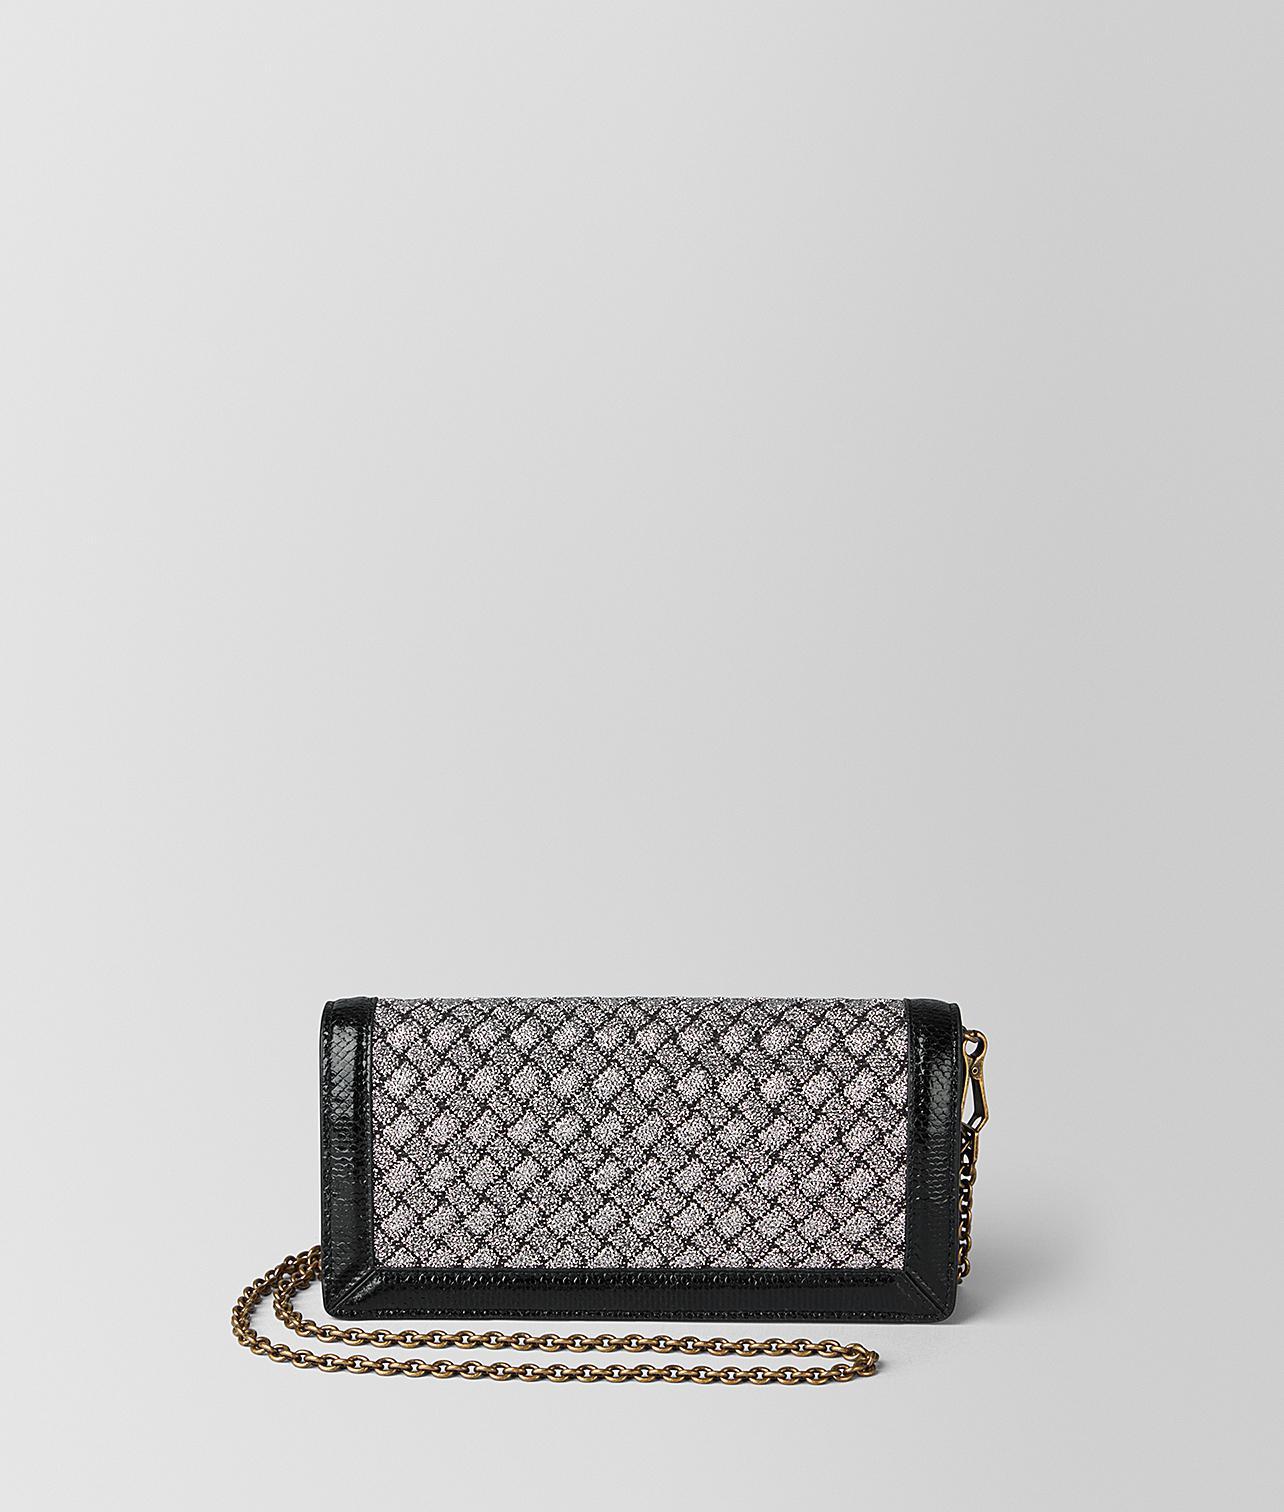 585760e77dcd Bottega Veneta Antique Silver Intrecciato Knitted Chain Wallet in ...